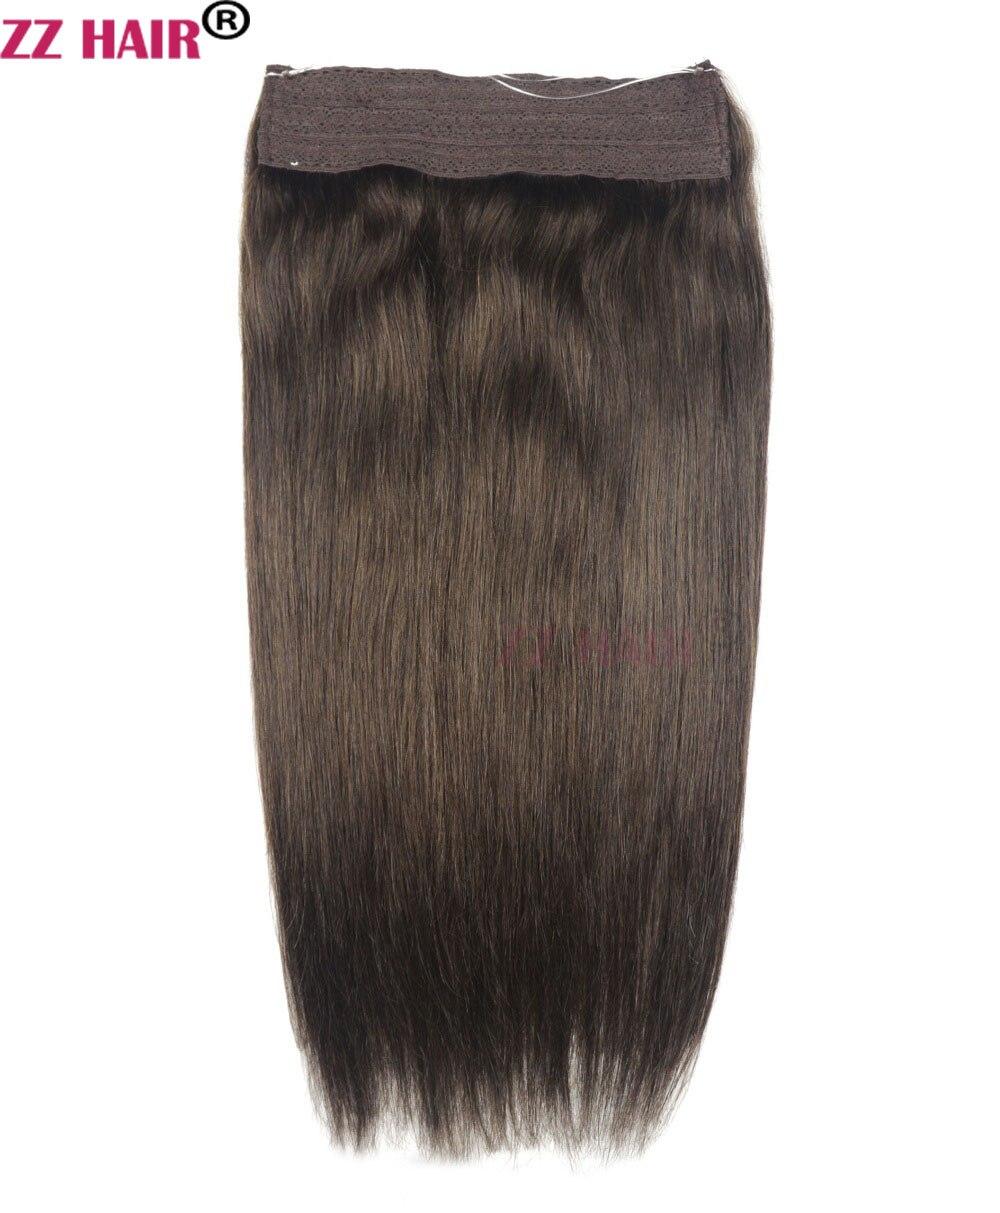 """ZZHAIR 24"""" 61cm 100% Brazilian Hair 120g Flip in Human Hair Extensions 1pcs Halo Hair Non-clips Hair Natural Straight Non-remy"""